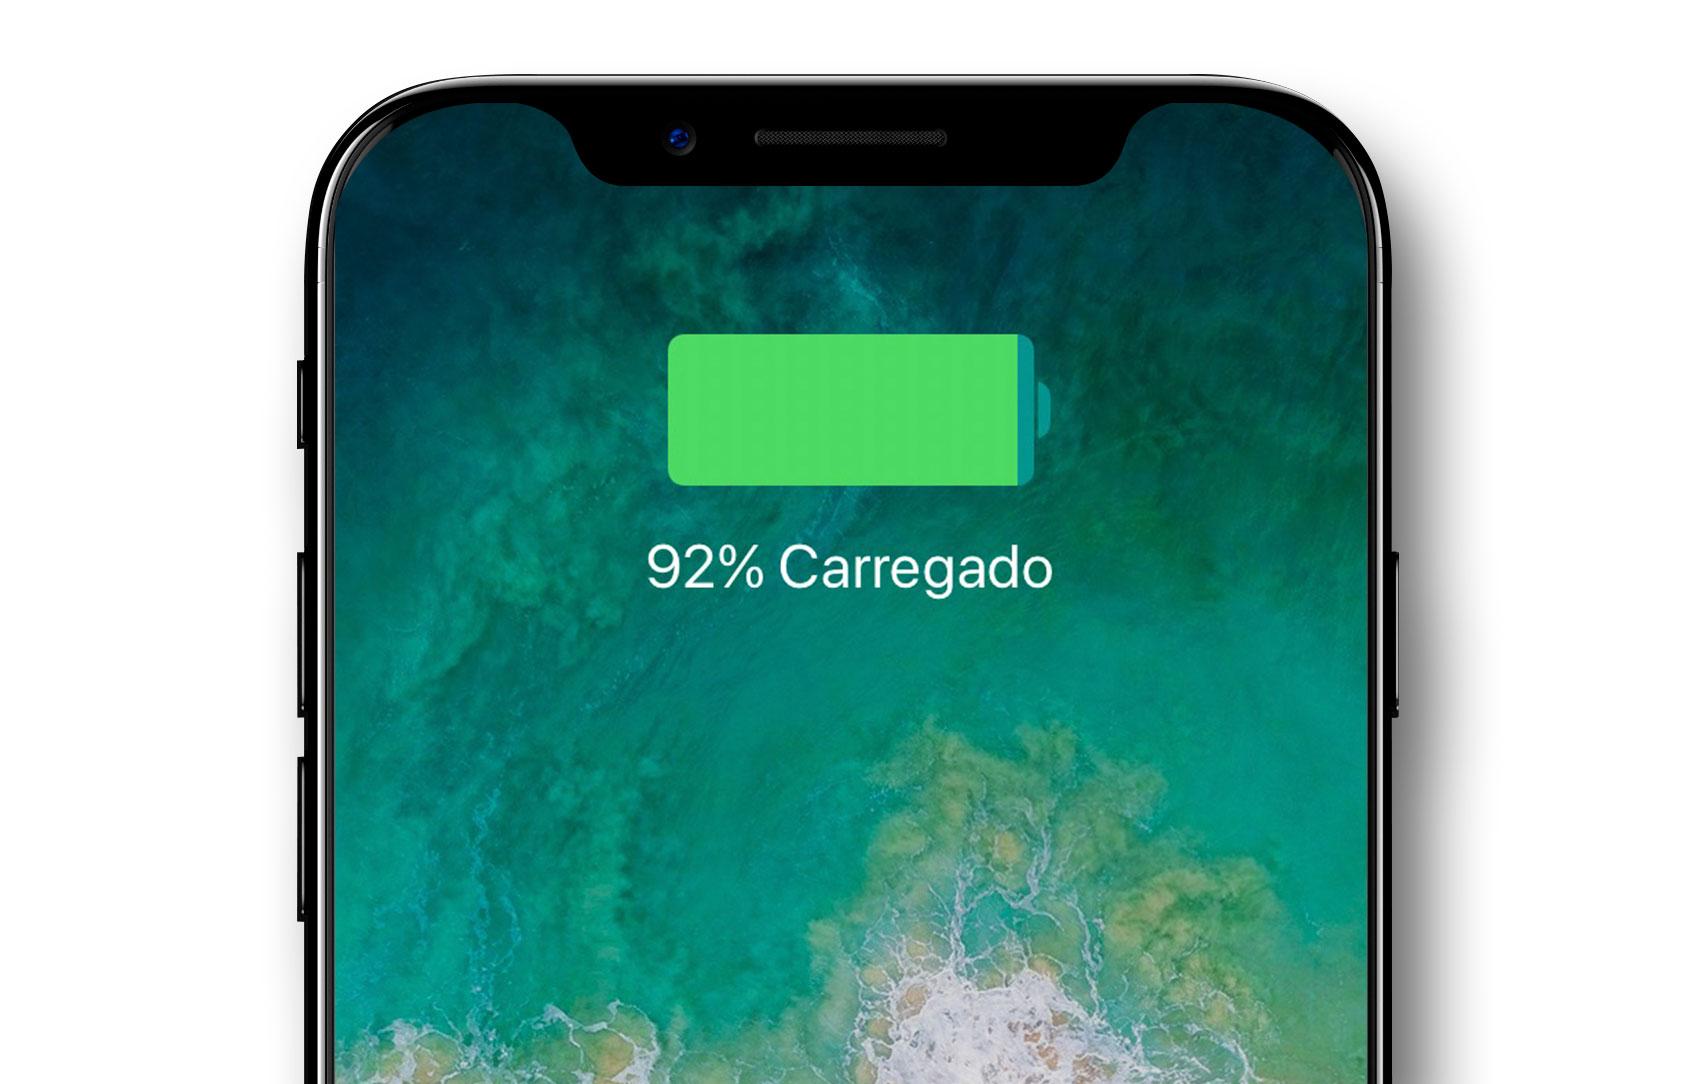 Photo of Algo que a Apple precisa melhorar: carregamento rápido da bateria do iPhone